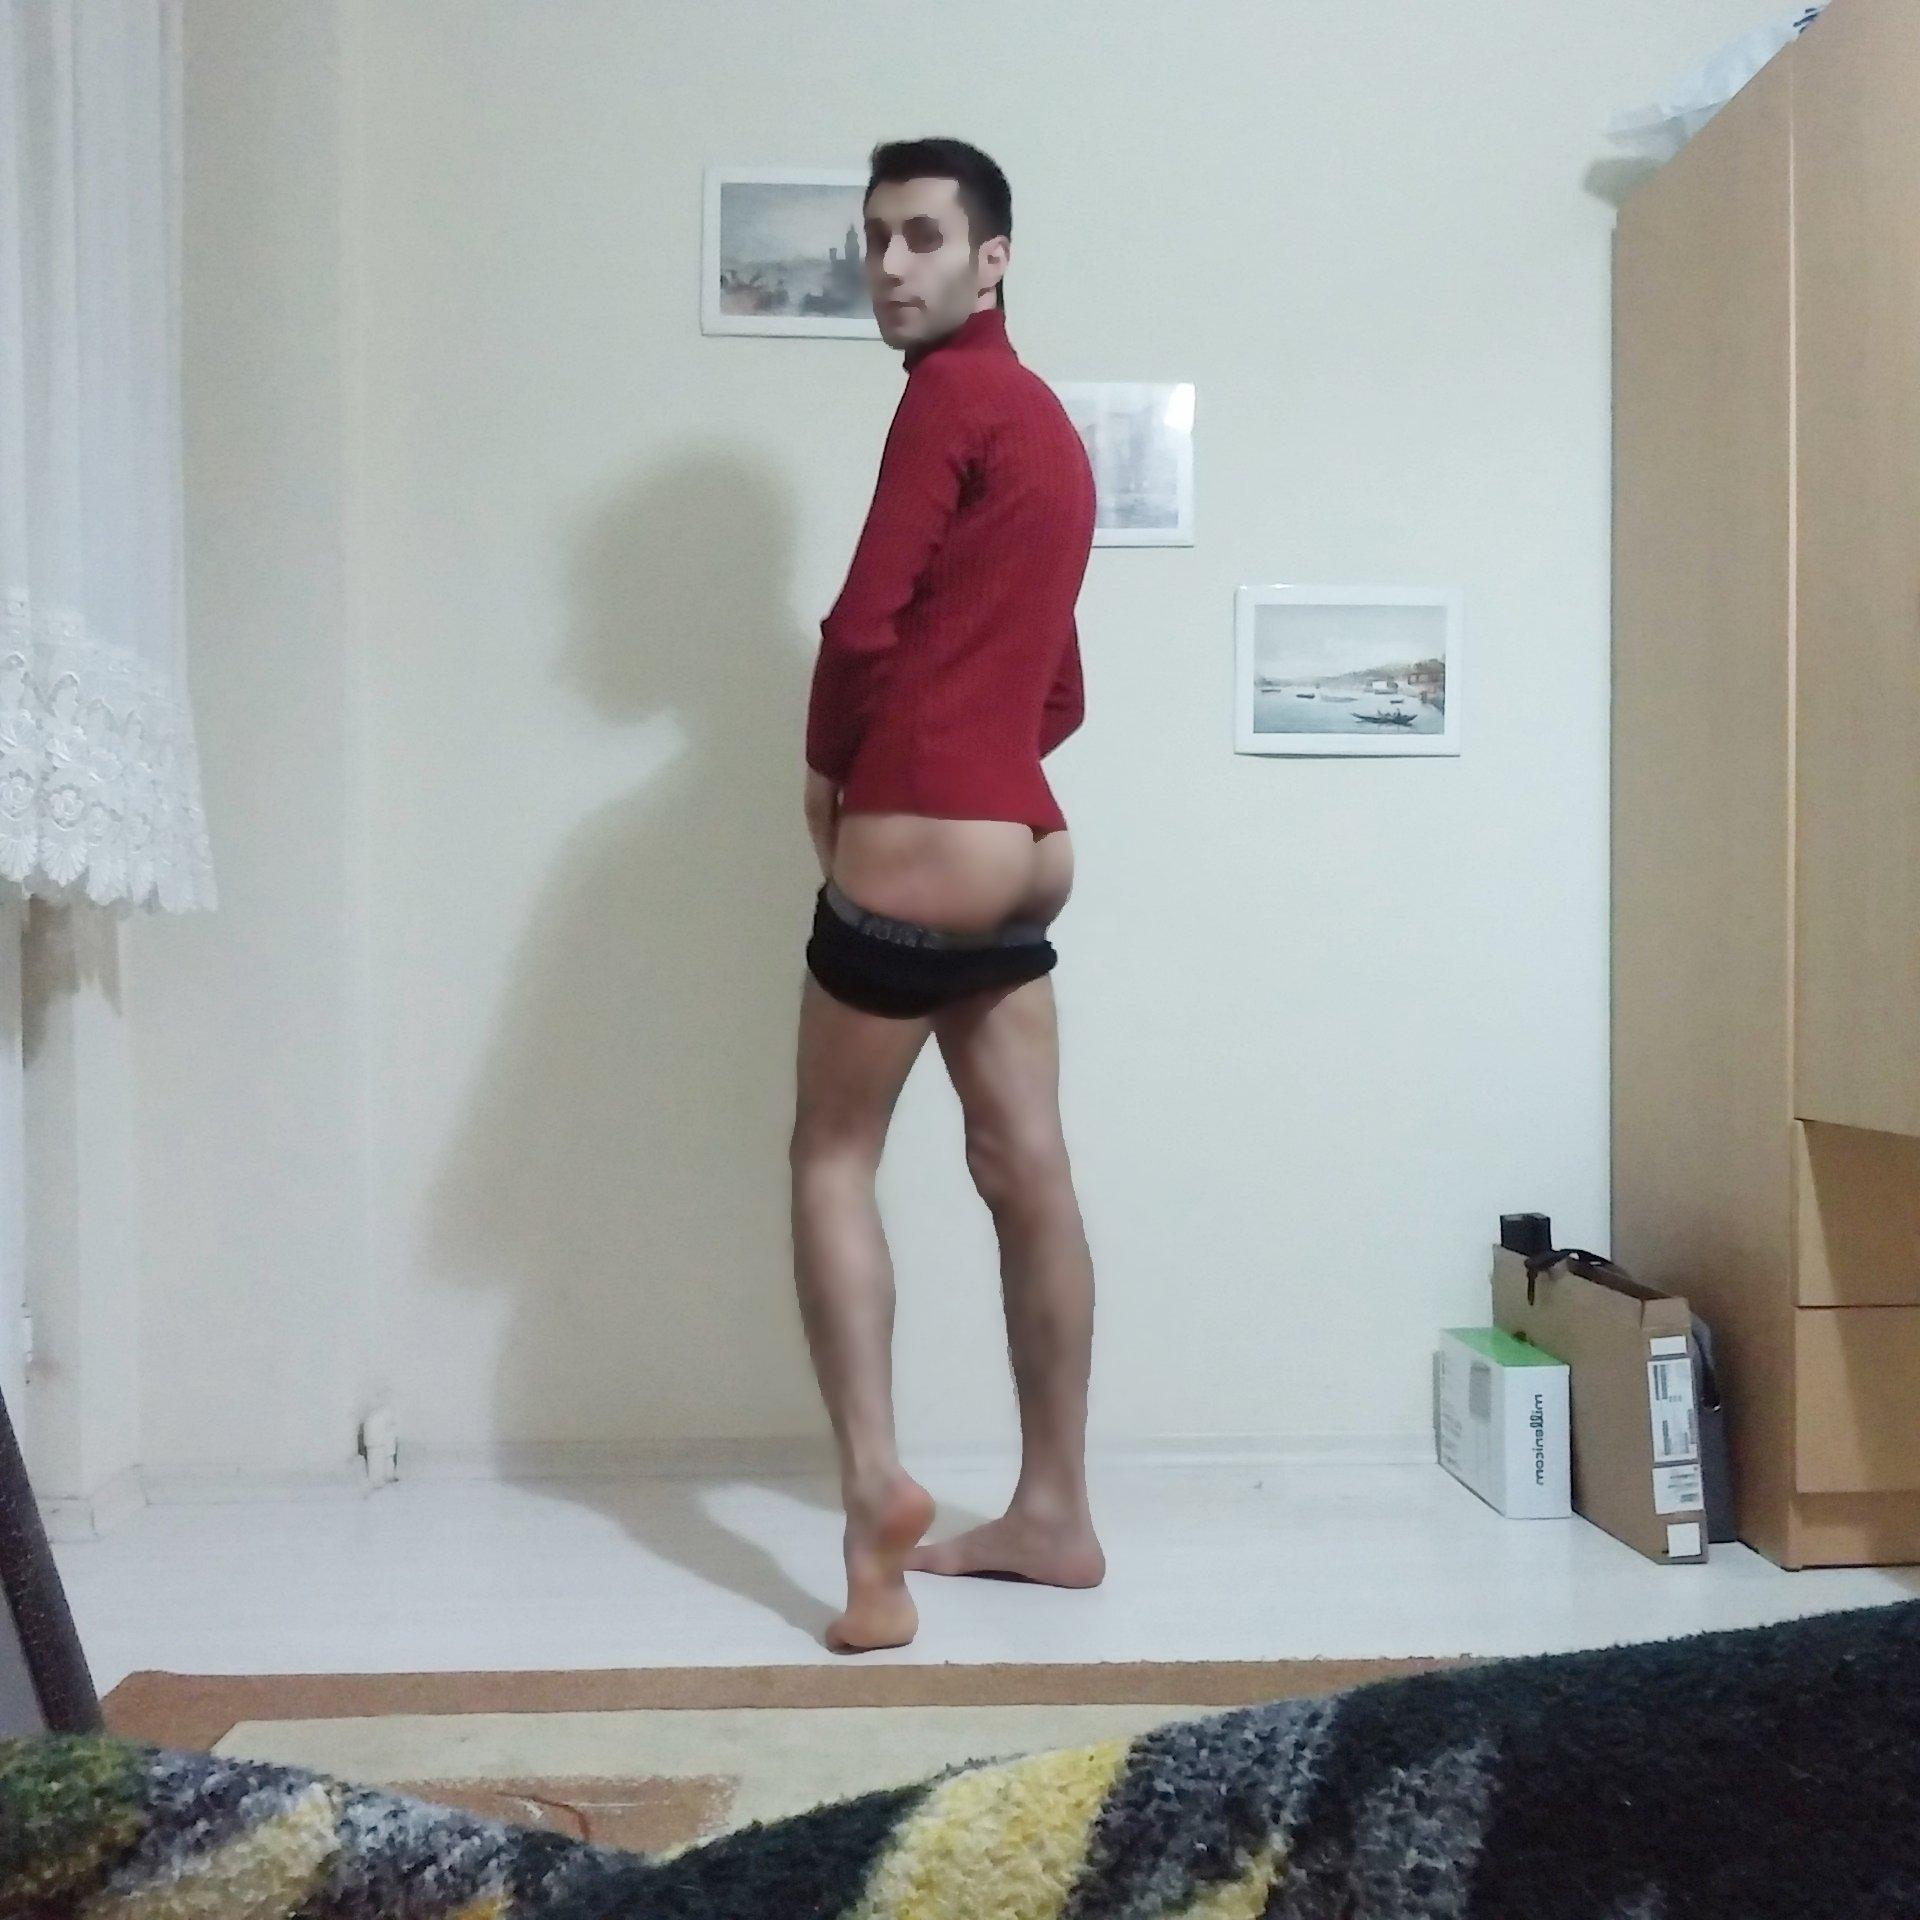 Boy gay turkish